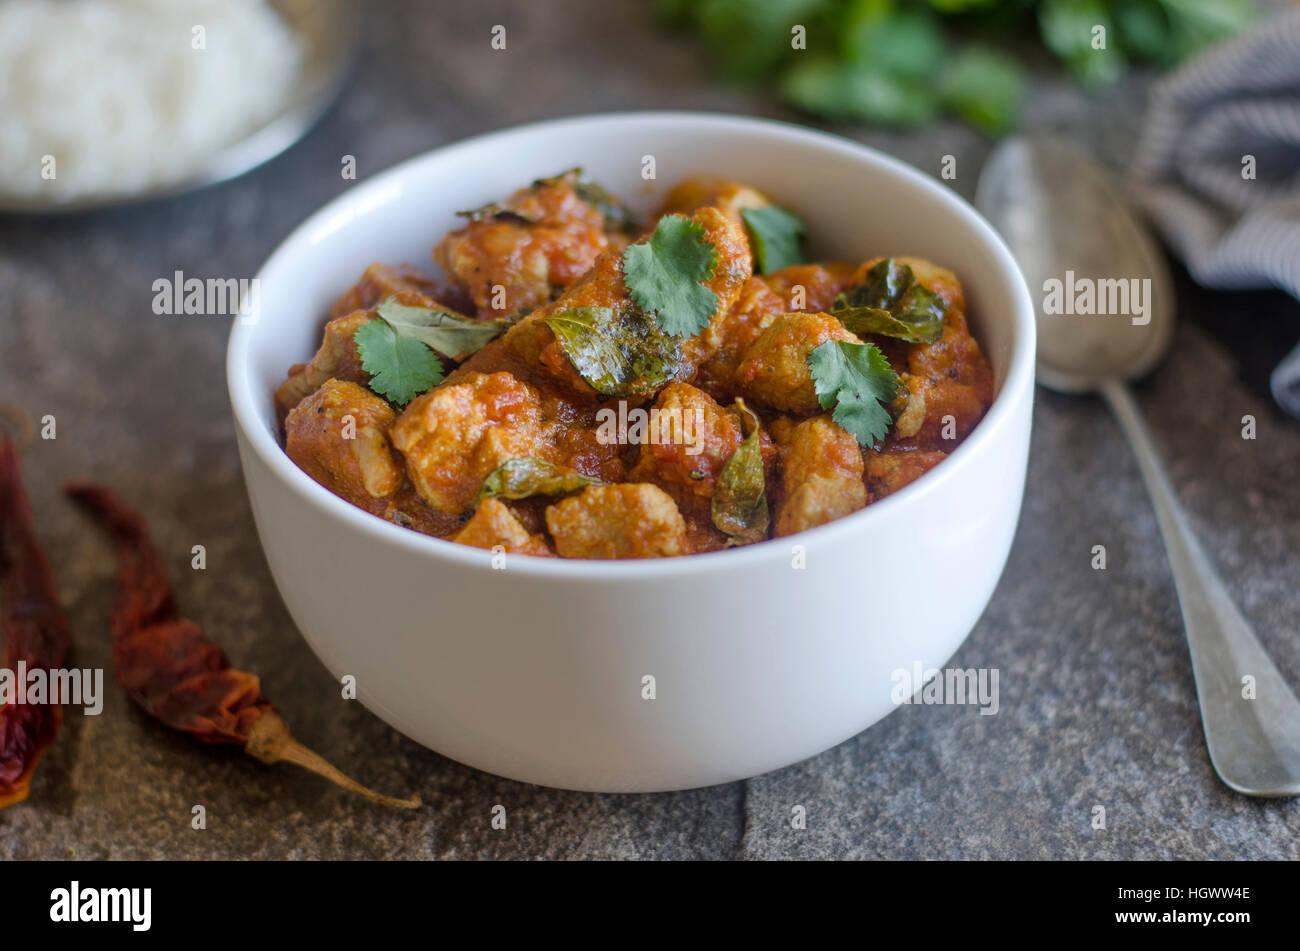 Indian di maiale al curry con riso basmati Immagini Stock